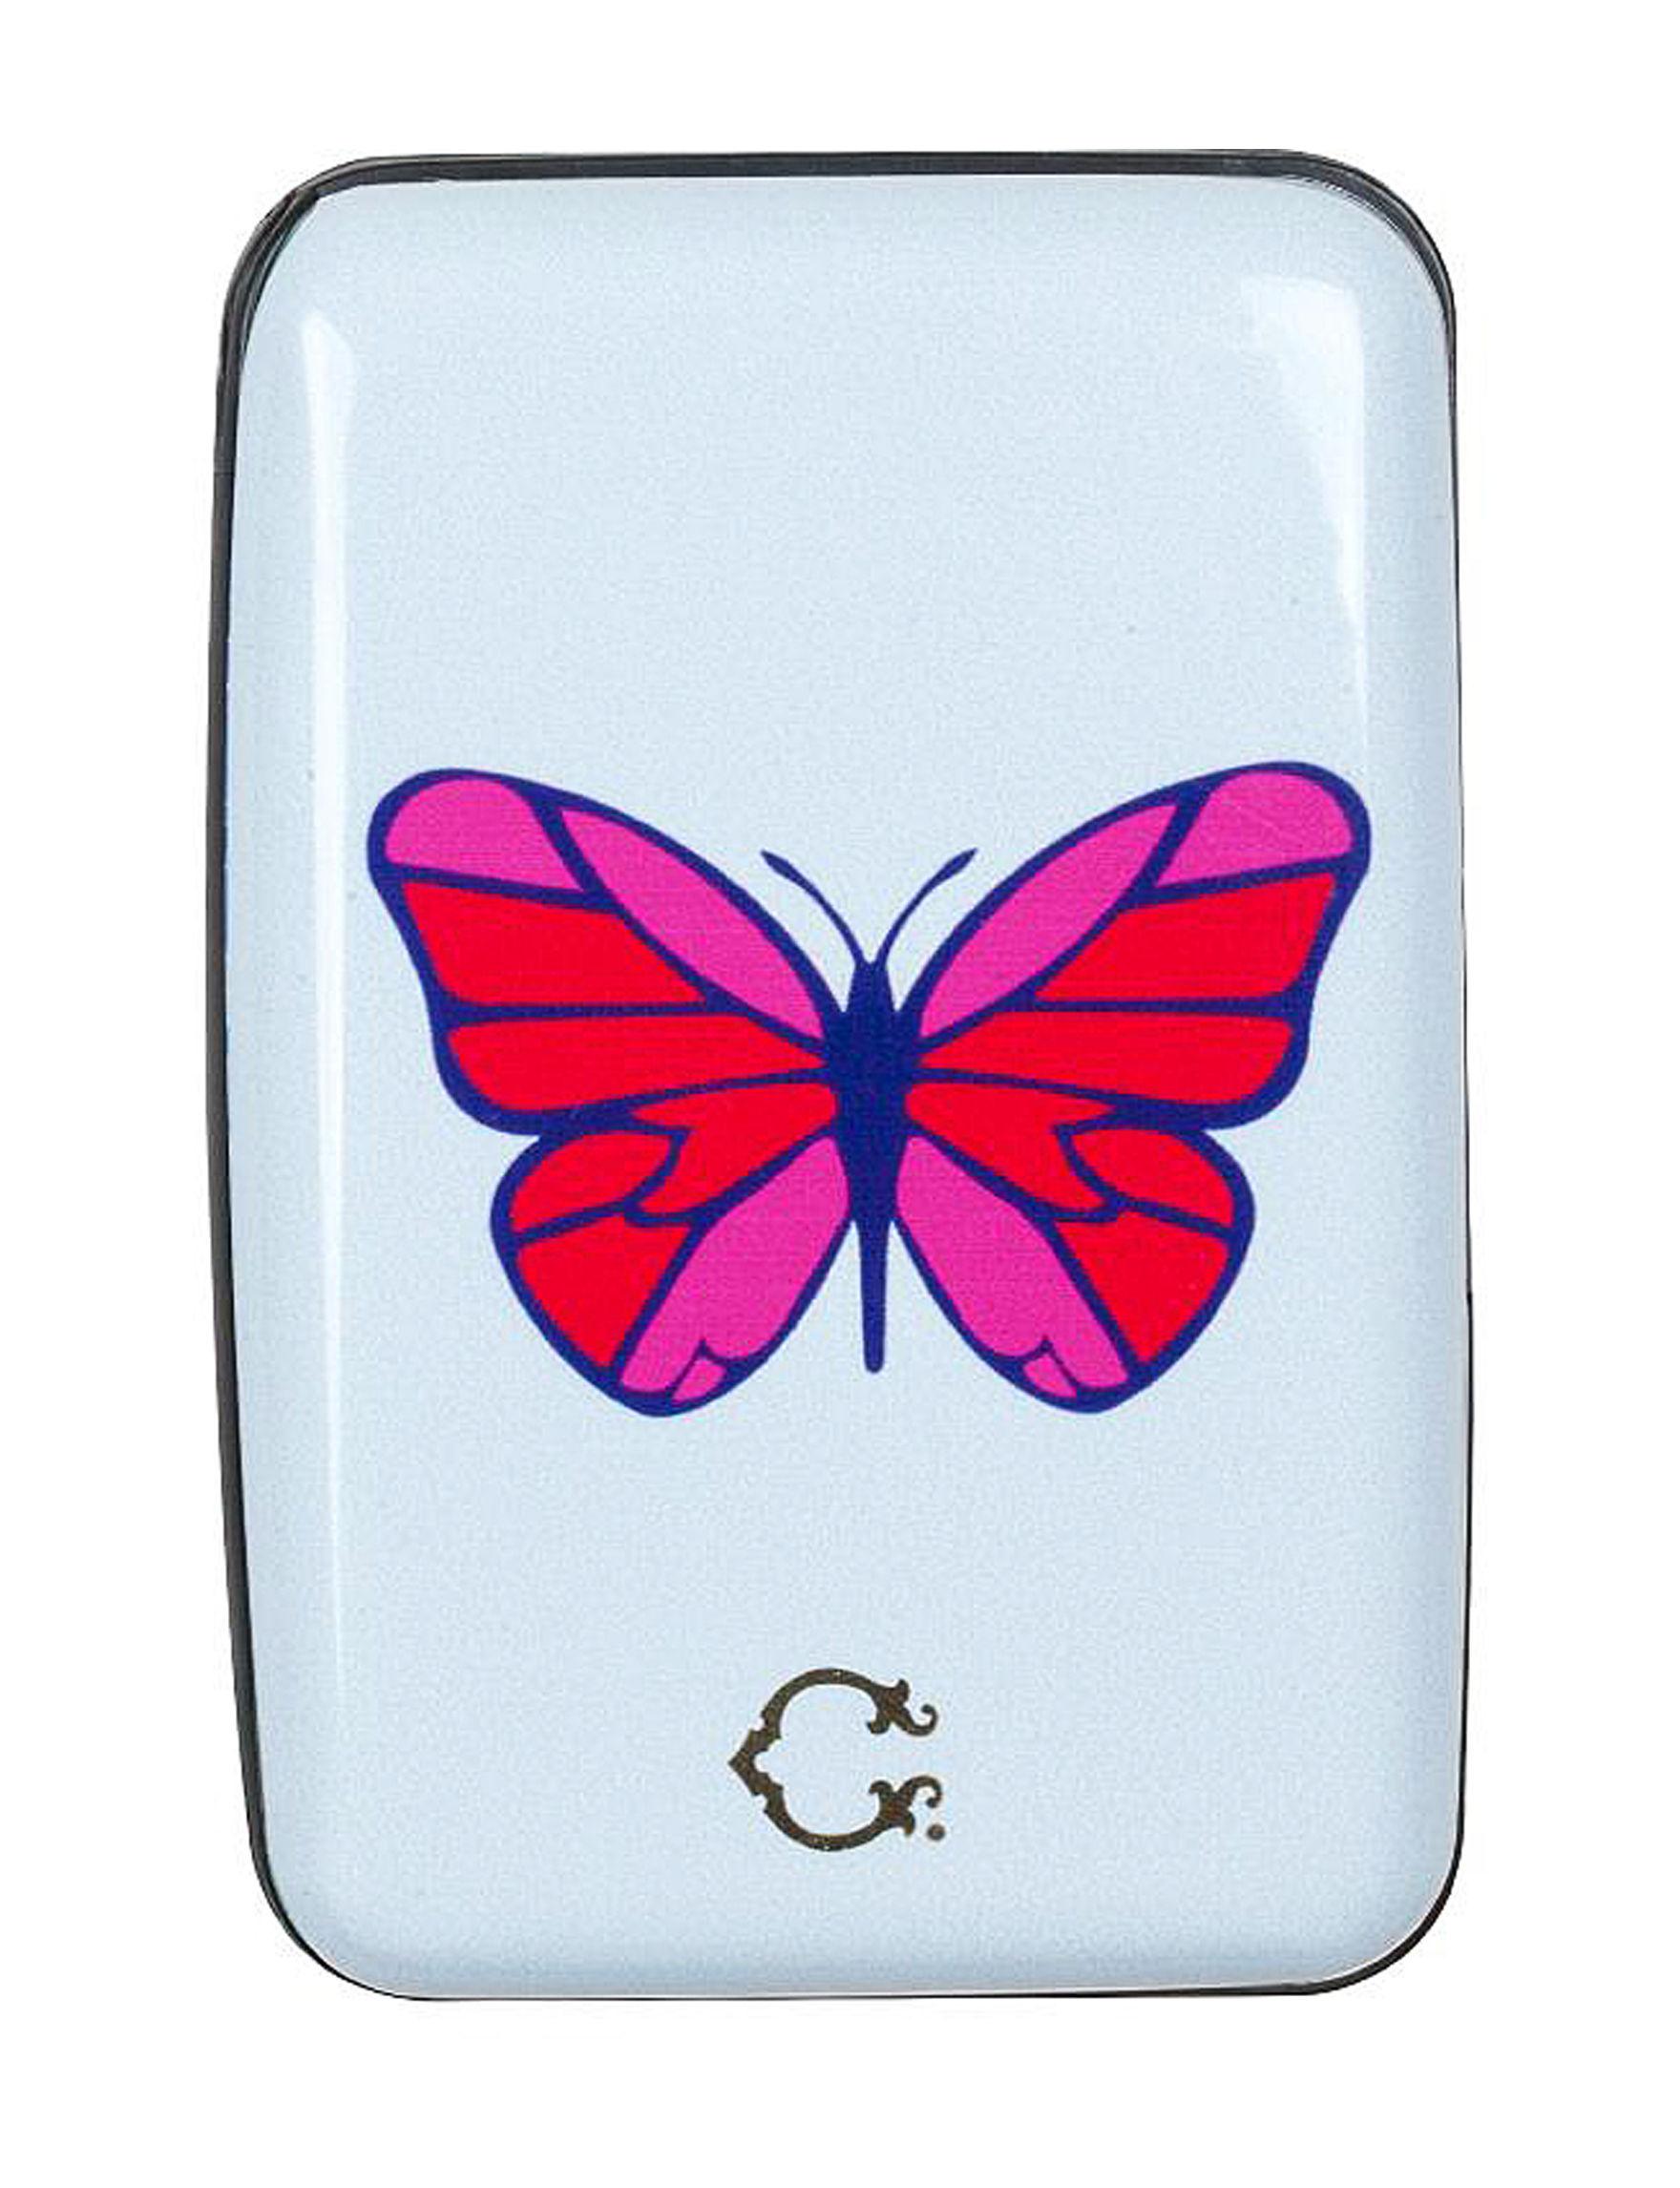 C. Wonder Pink / Blue Travel Accessories